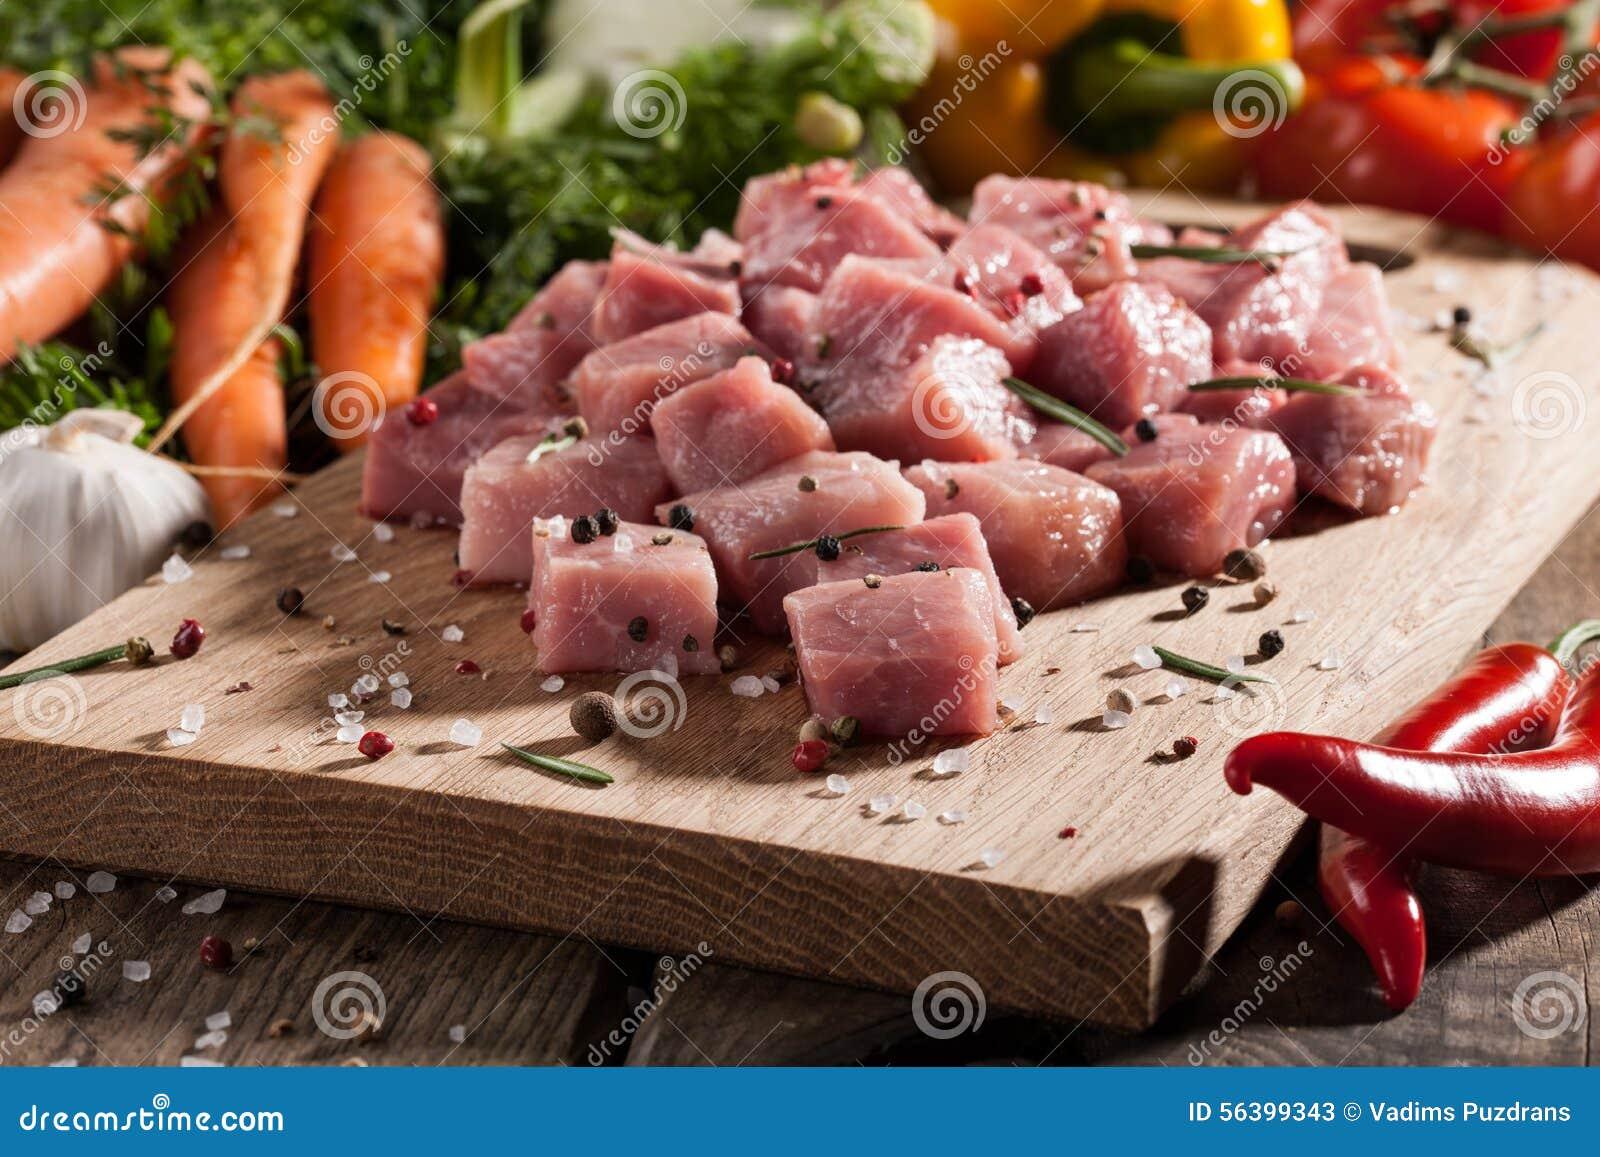 Porc cru sur la planche à découper et les légumes frais